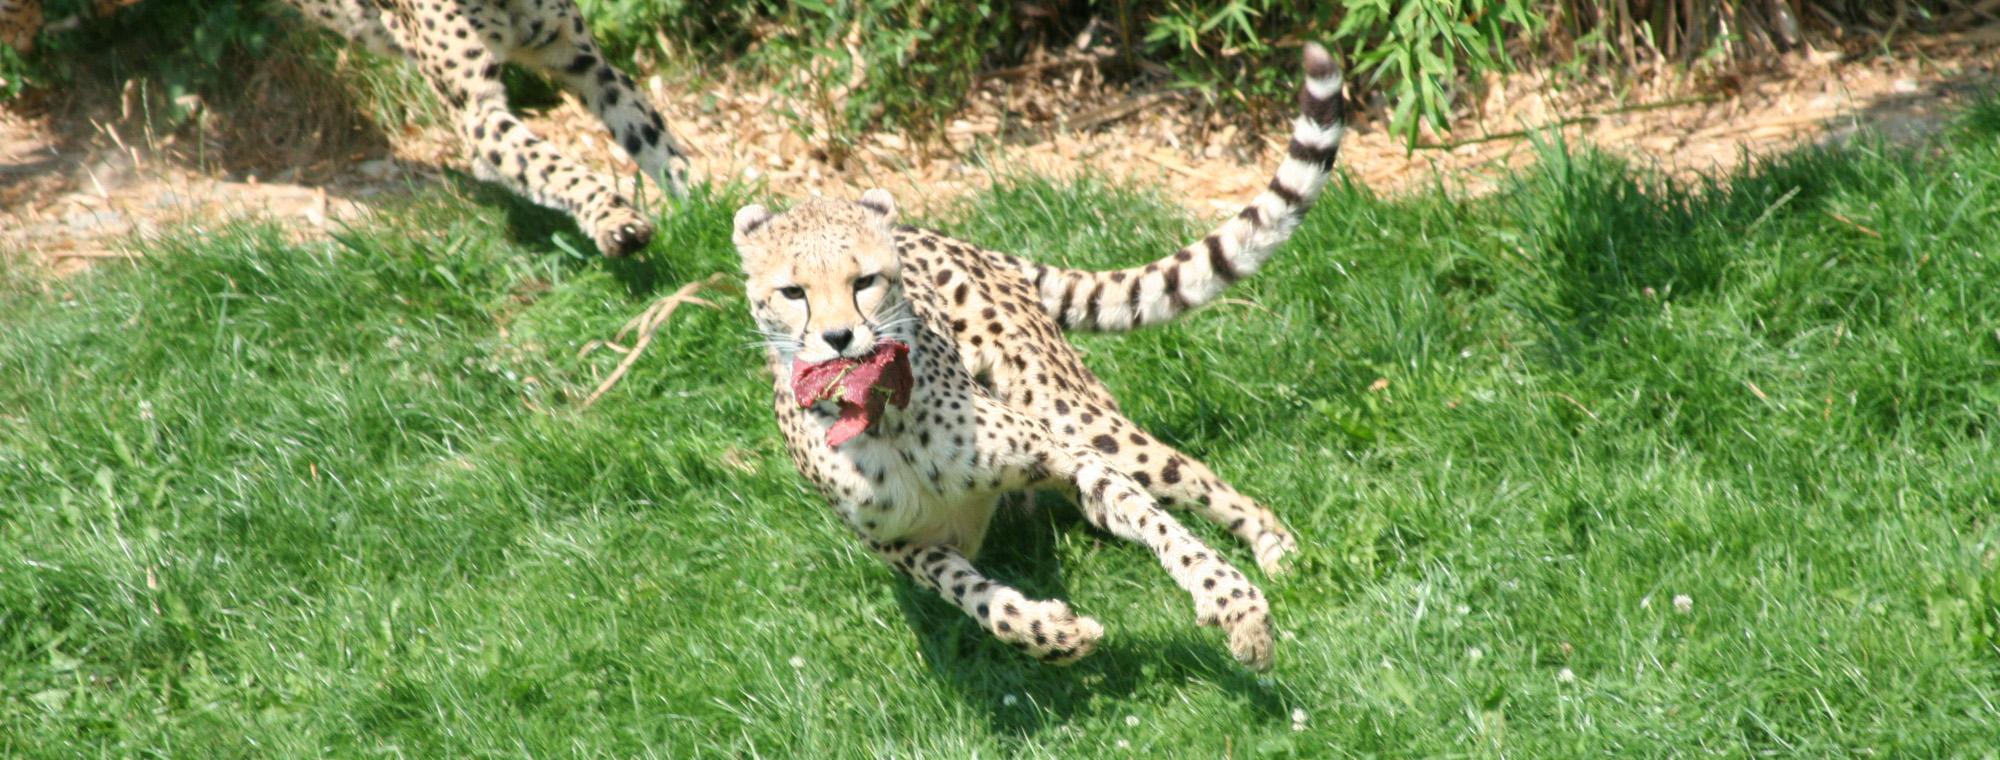 inga-pokora-heilpraktiker-Gepard-by-Martin-Mller-pixelio.de